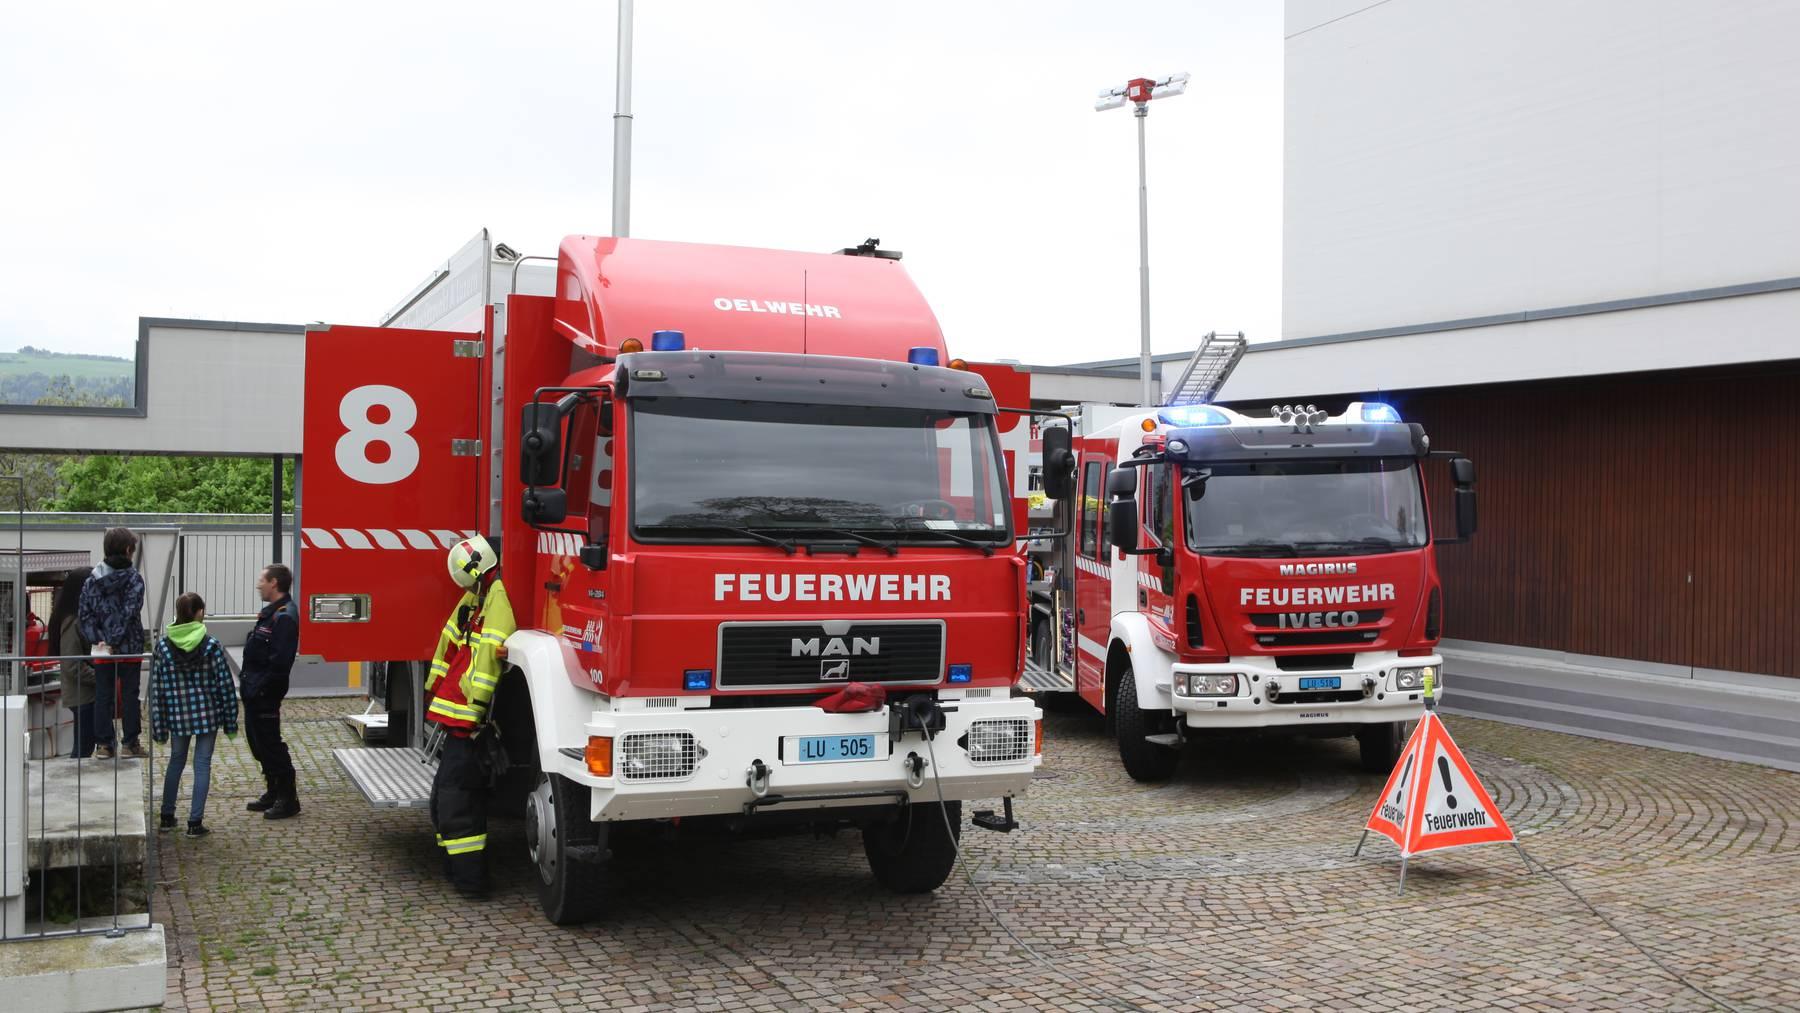 Schweiz mit grossem Vertrauen in Feuerwehren